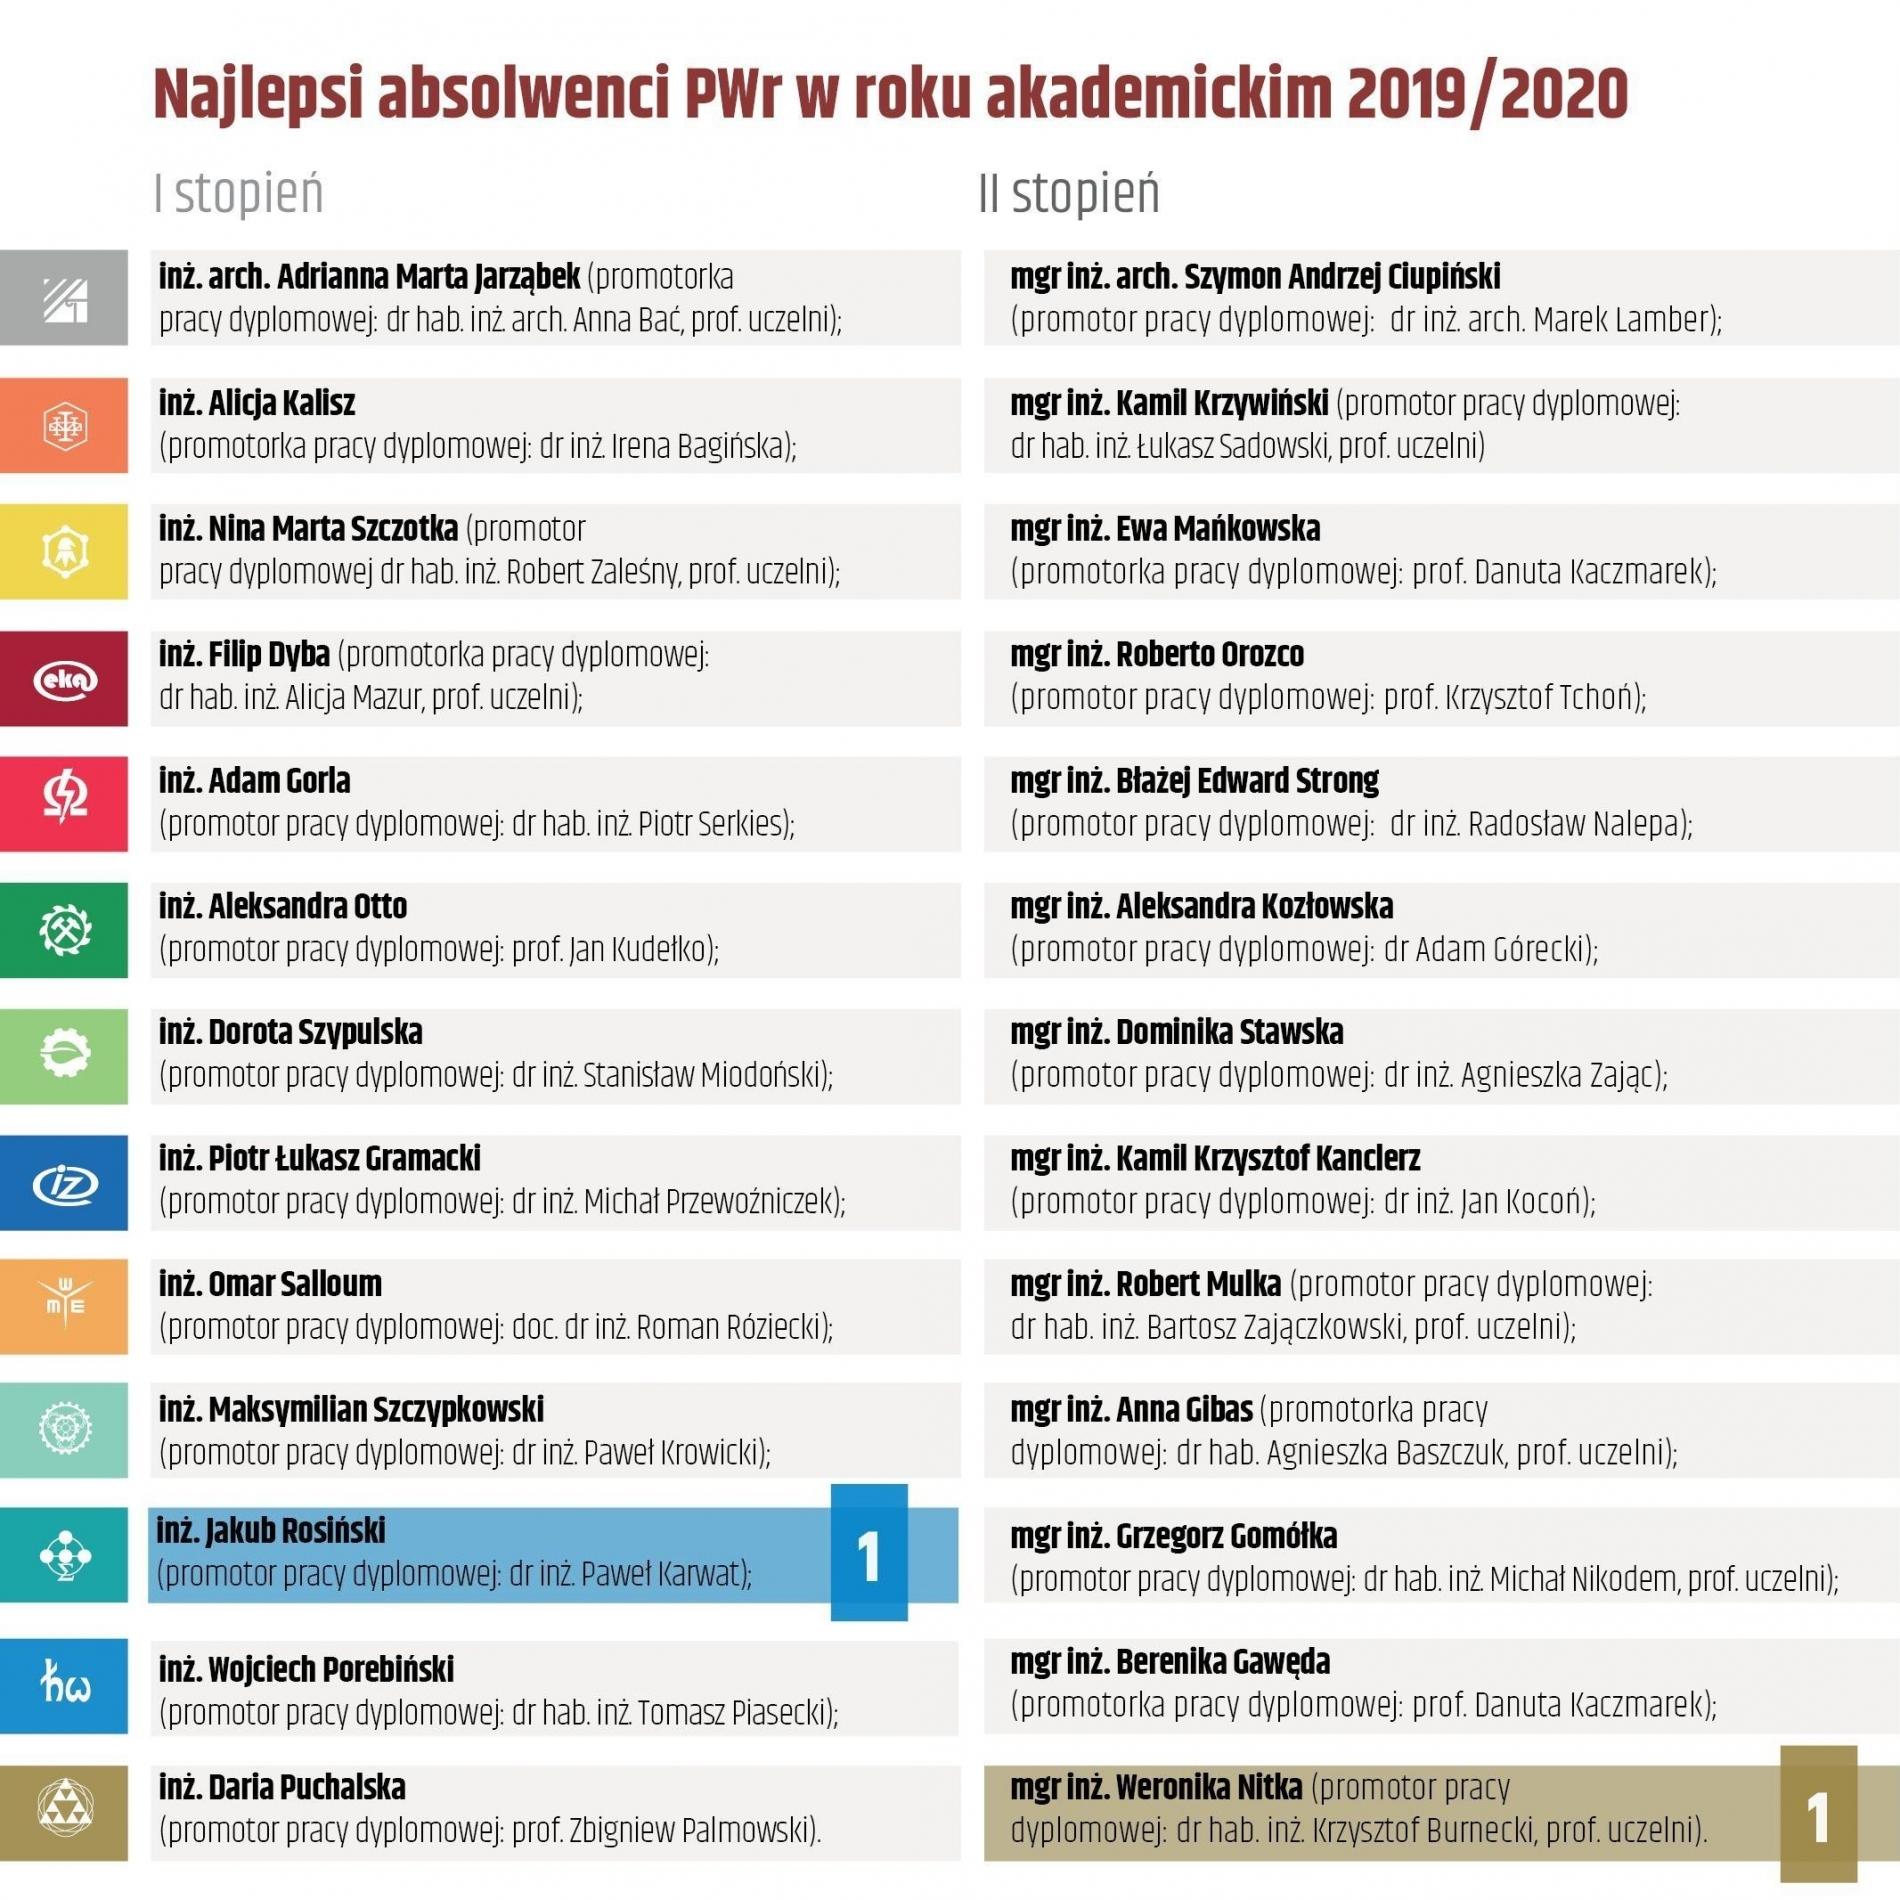 Anna Gibas  laureatką konkursu na najlepszych absolwentów naszej uczelni w roku akademickim 2019/2020